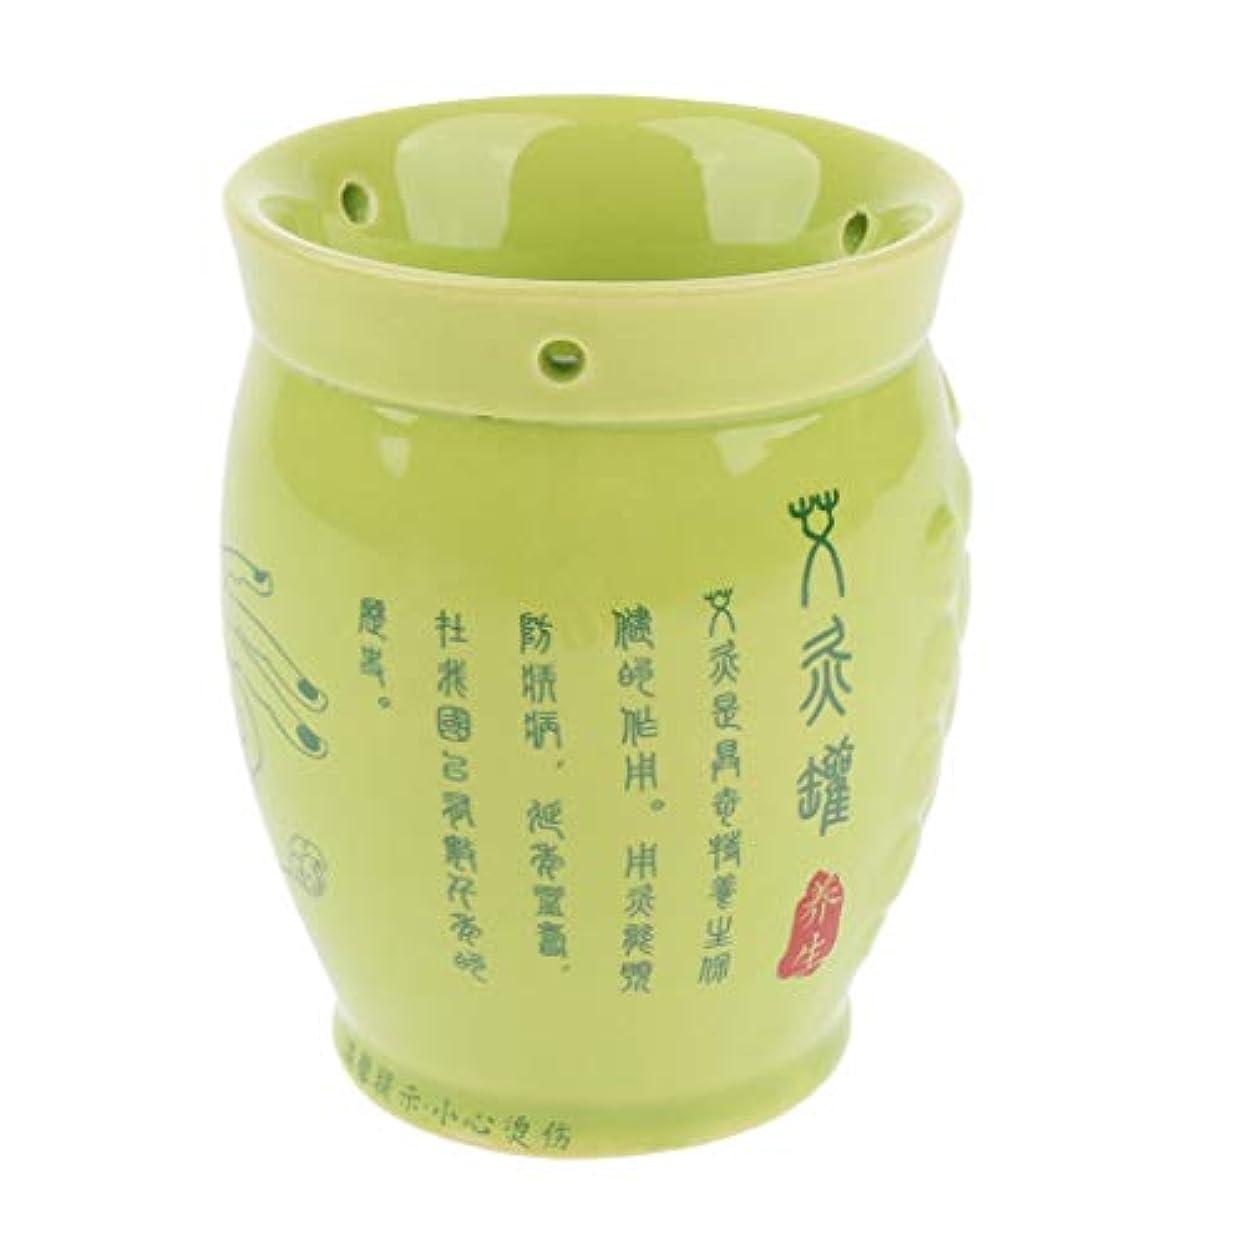 失望させる依存改善するD DOLITY 中国式カッピングカップ 缶 ポット マッサージ お灸 セラミック製